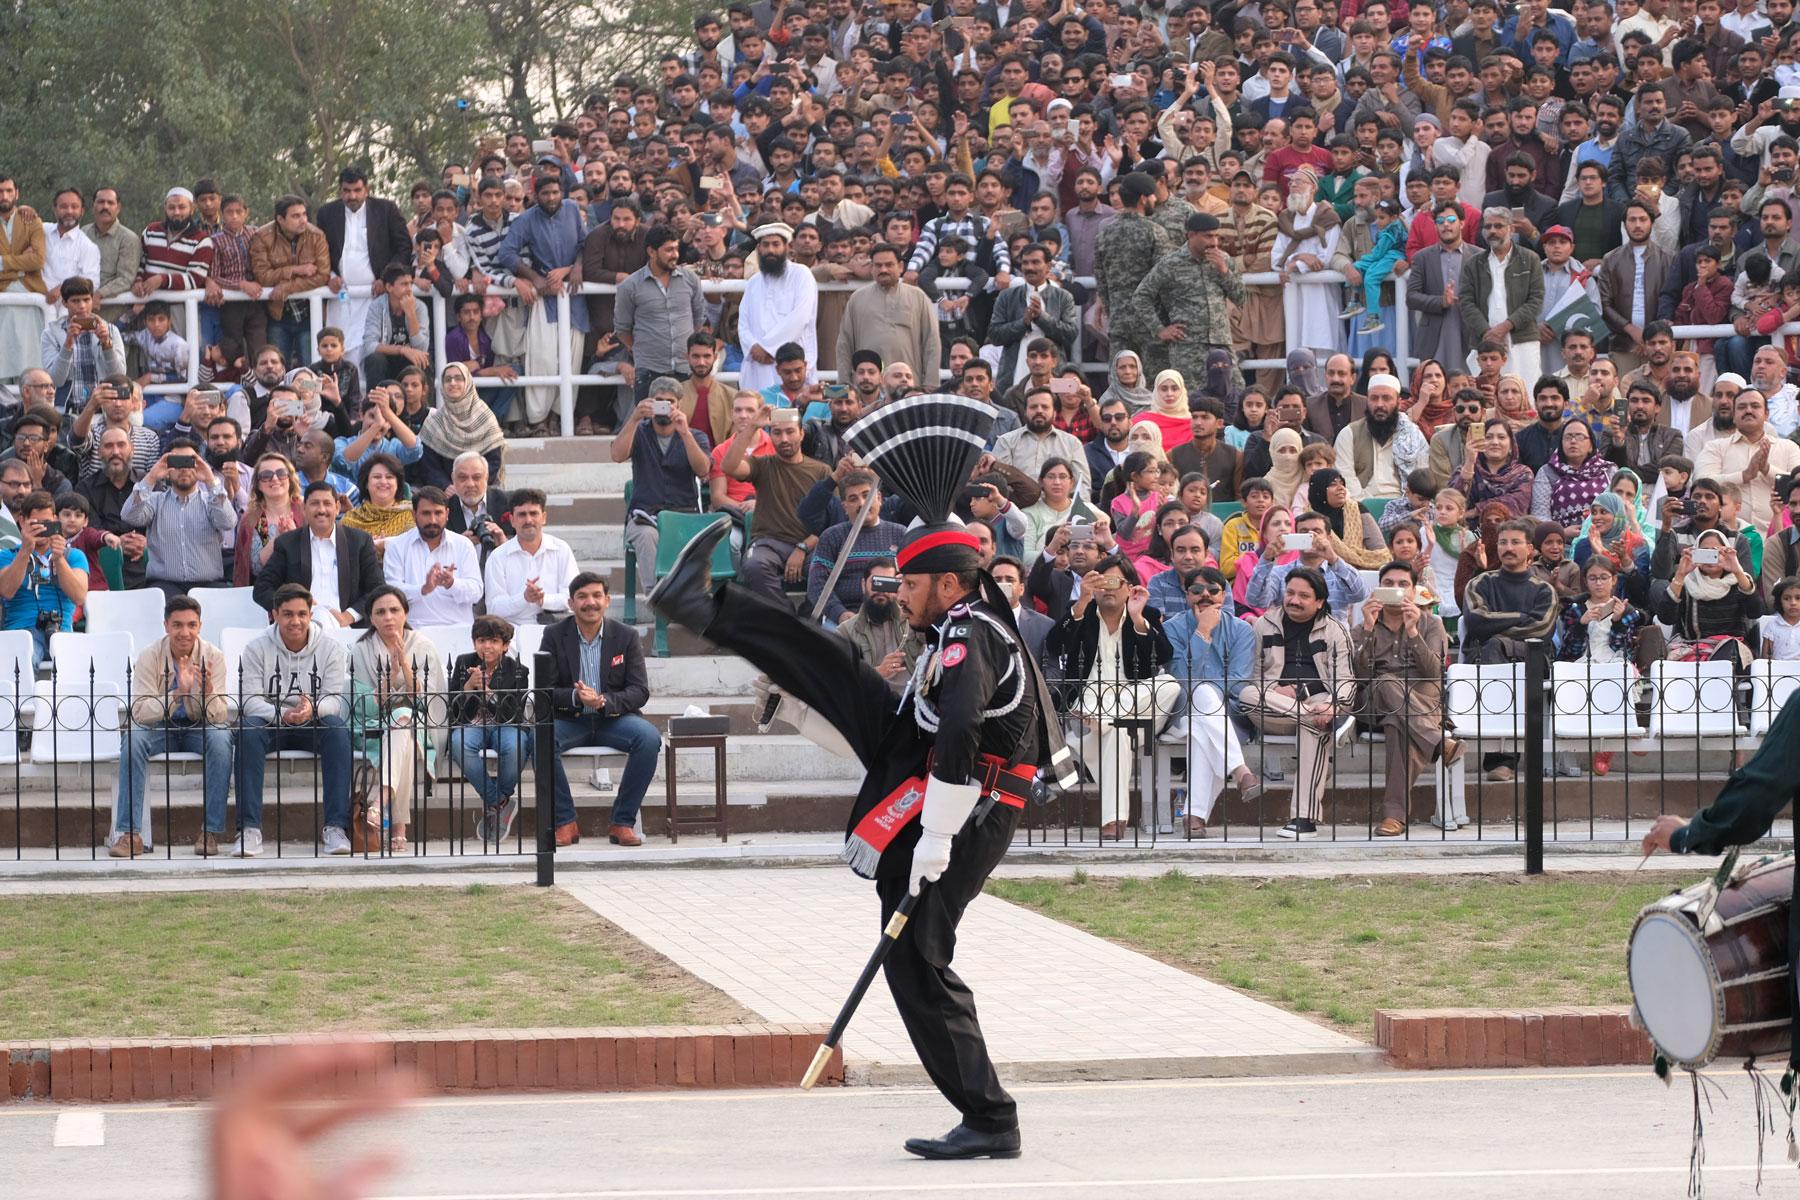 Dann geht es los. Ziel der Soldaten ist es, ihren Pendants auf der anderen Seite des Grenzzauns die Überlegenheit ihres Landes zu demonstrieren.